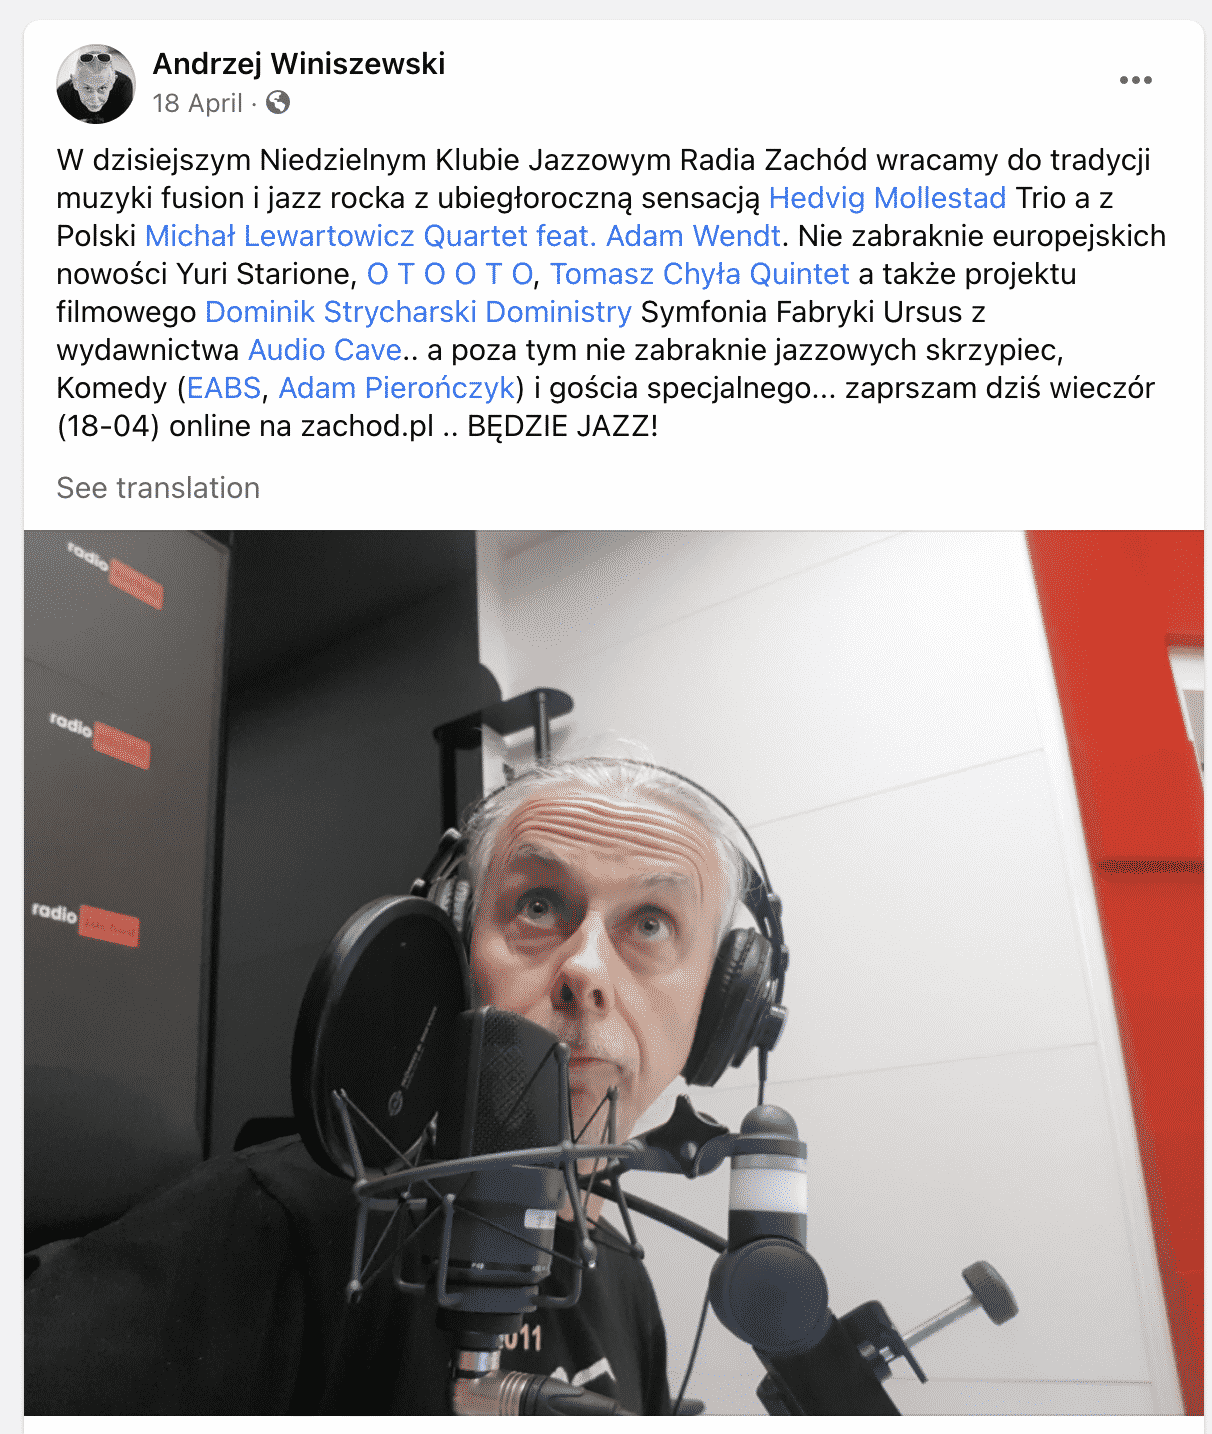 Andrzej Winiszewski